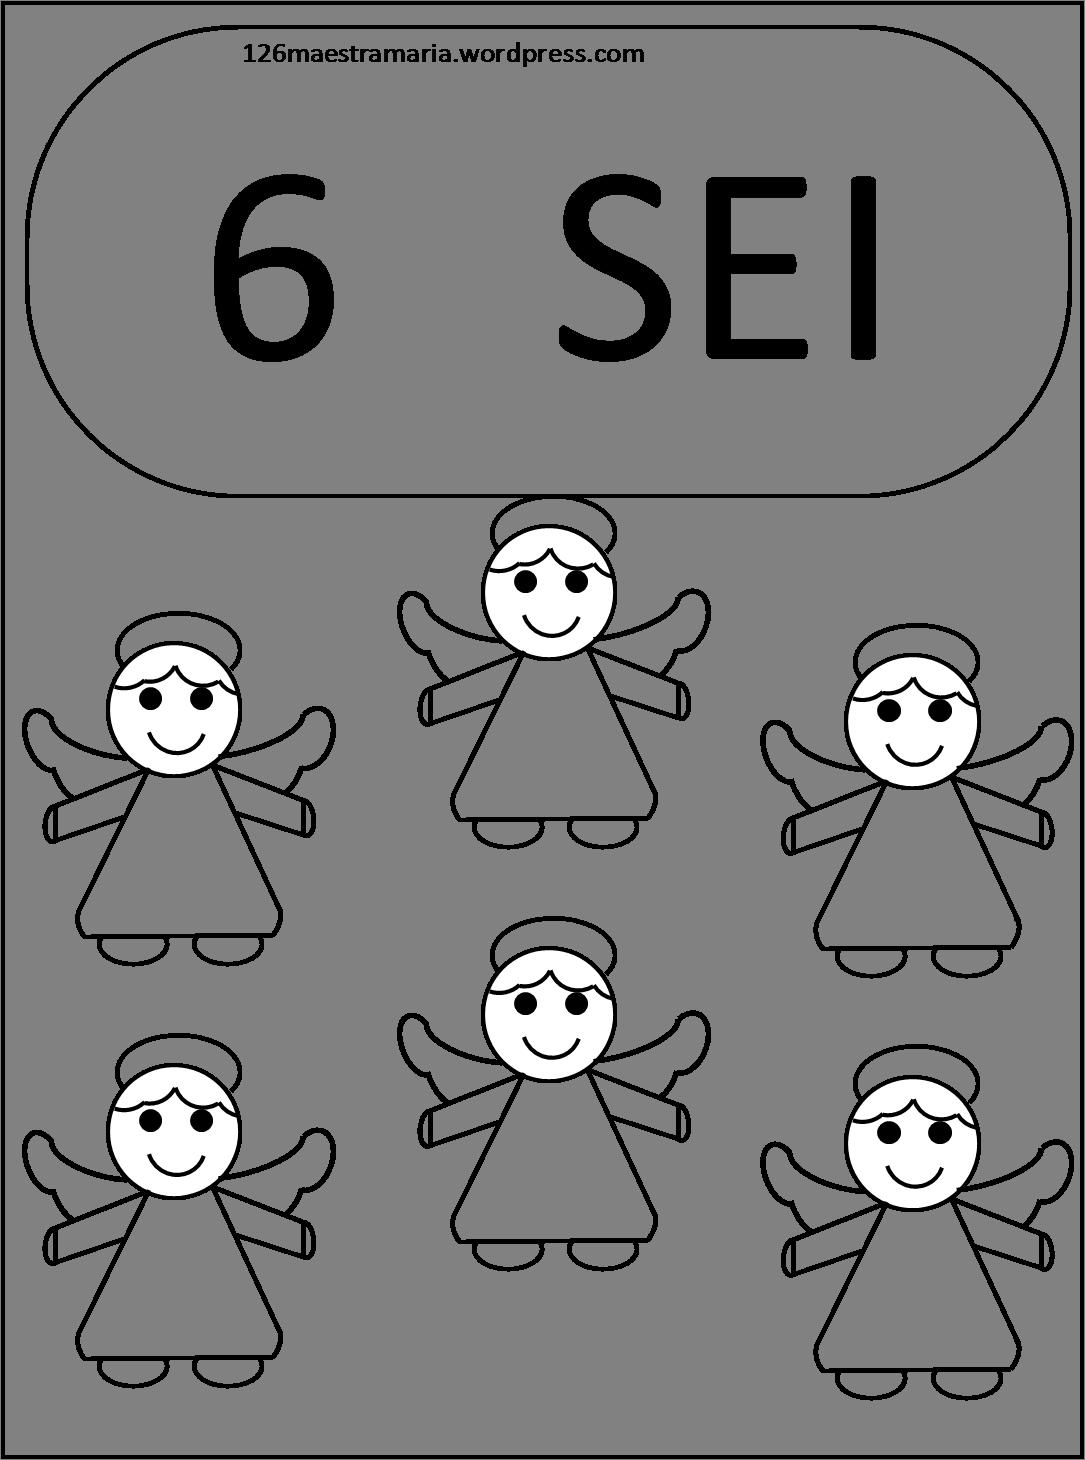 Eccezionale precalcolo | Maestramaria XU69